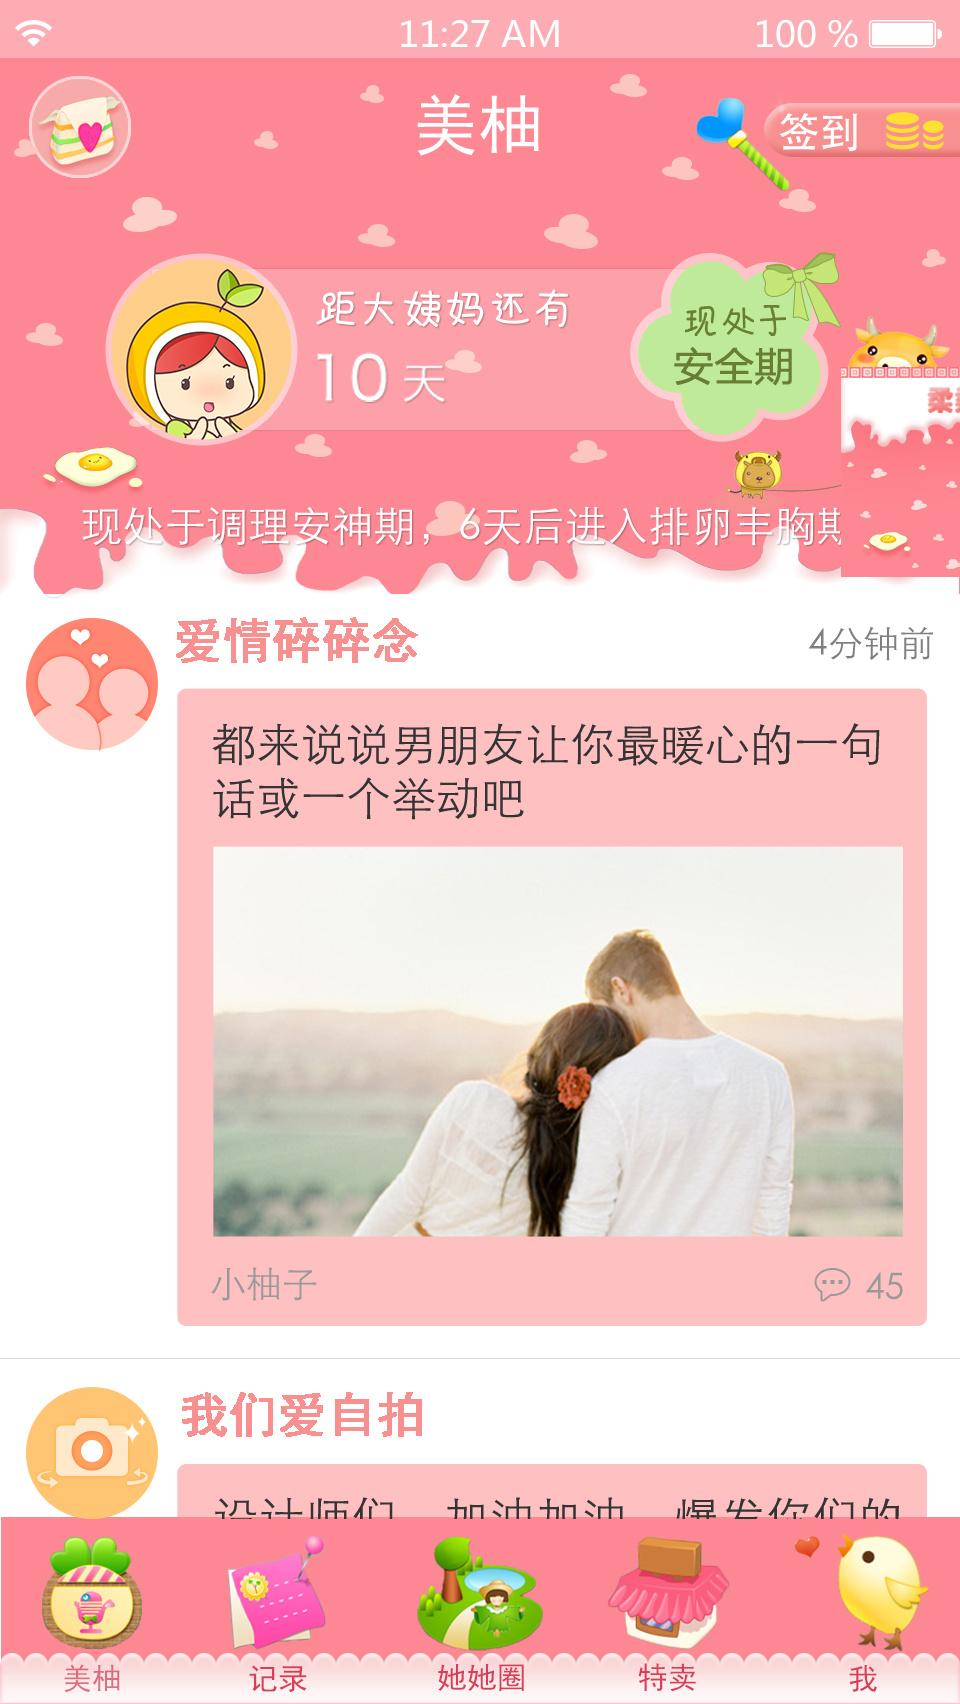 美柚app主题设计大赛-柔柔小苑 ui app界面 林灿